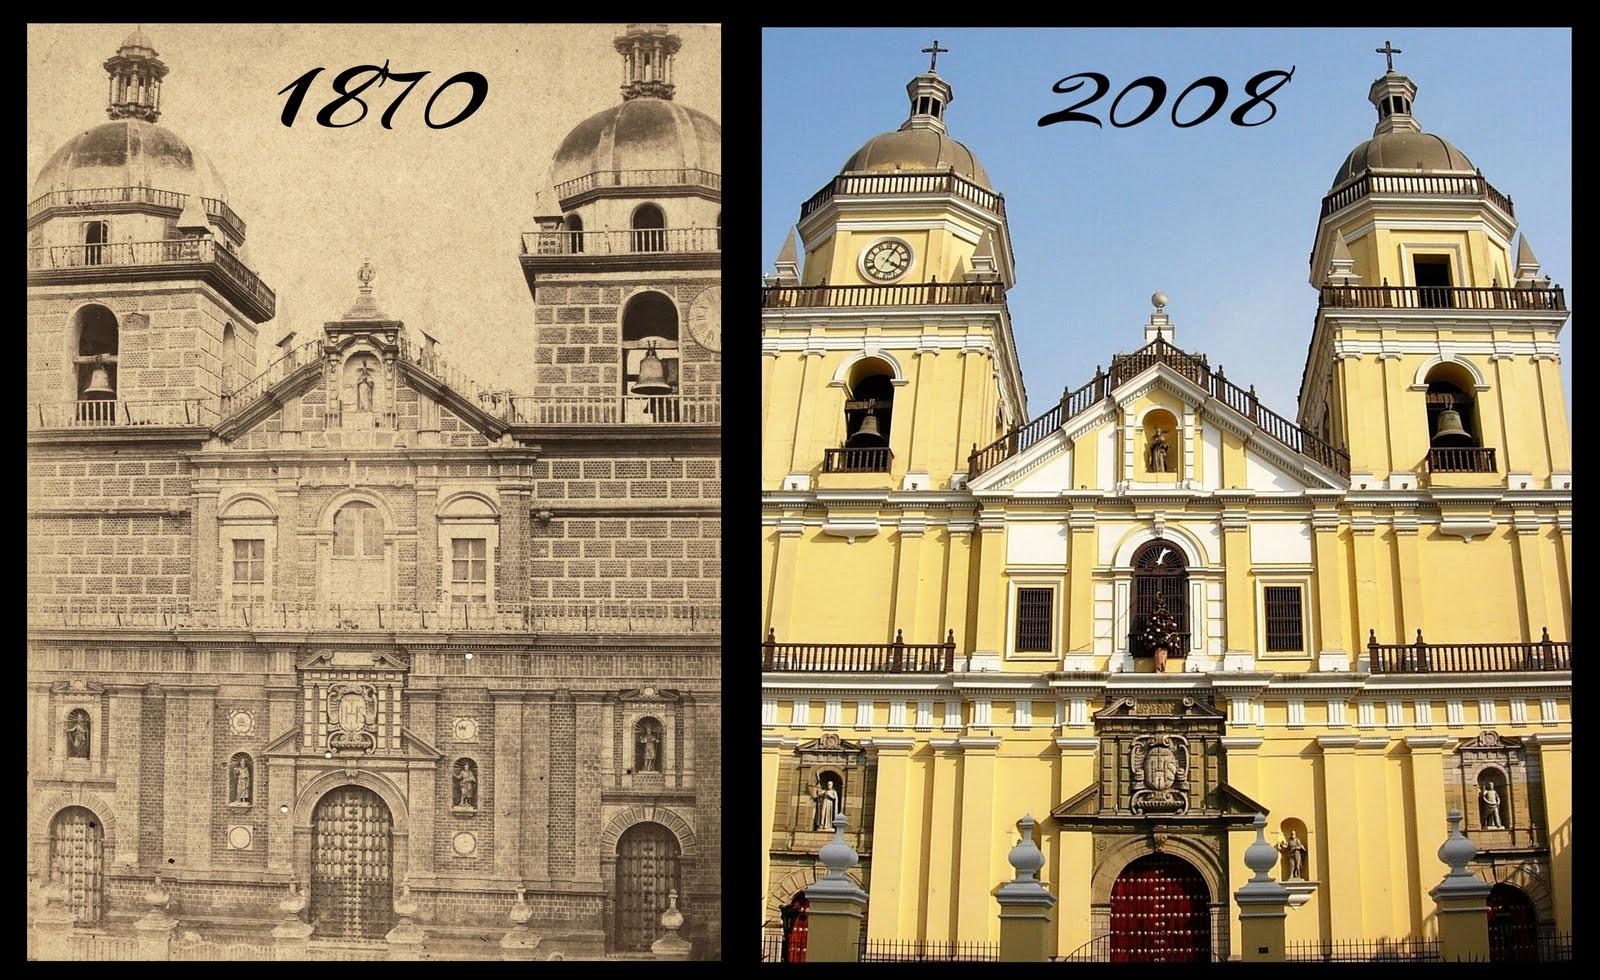 FOTO - Año 1870 - 2008 - Fachada de la Iglesia de San Pedro